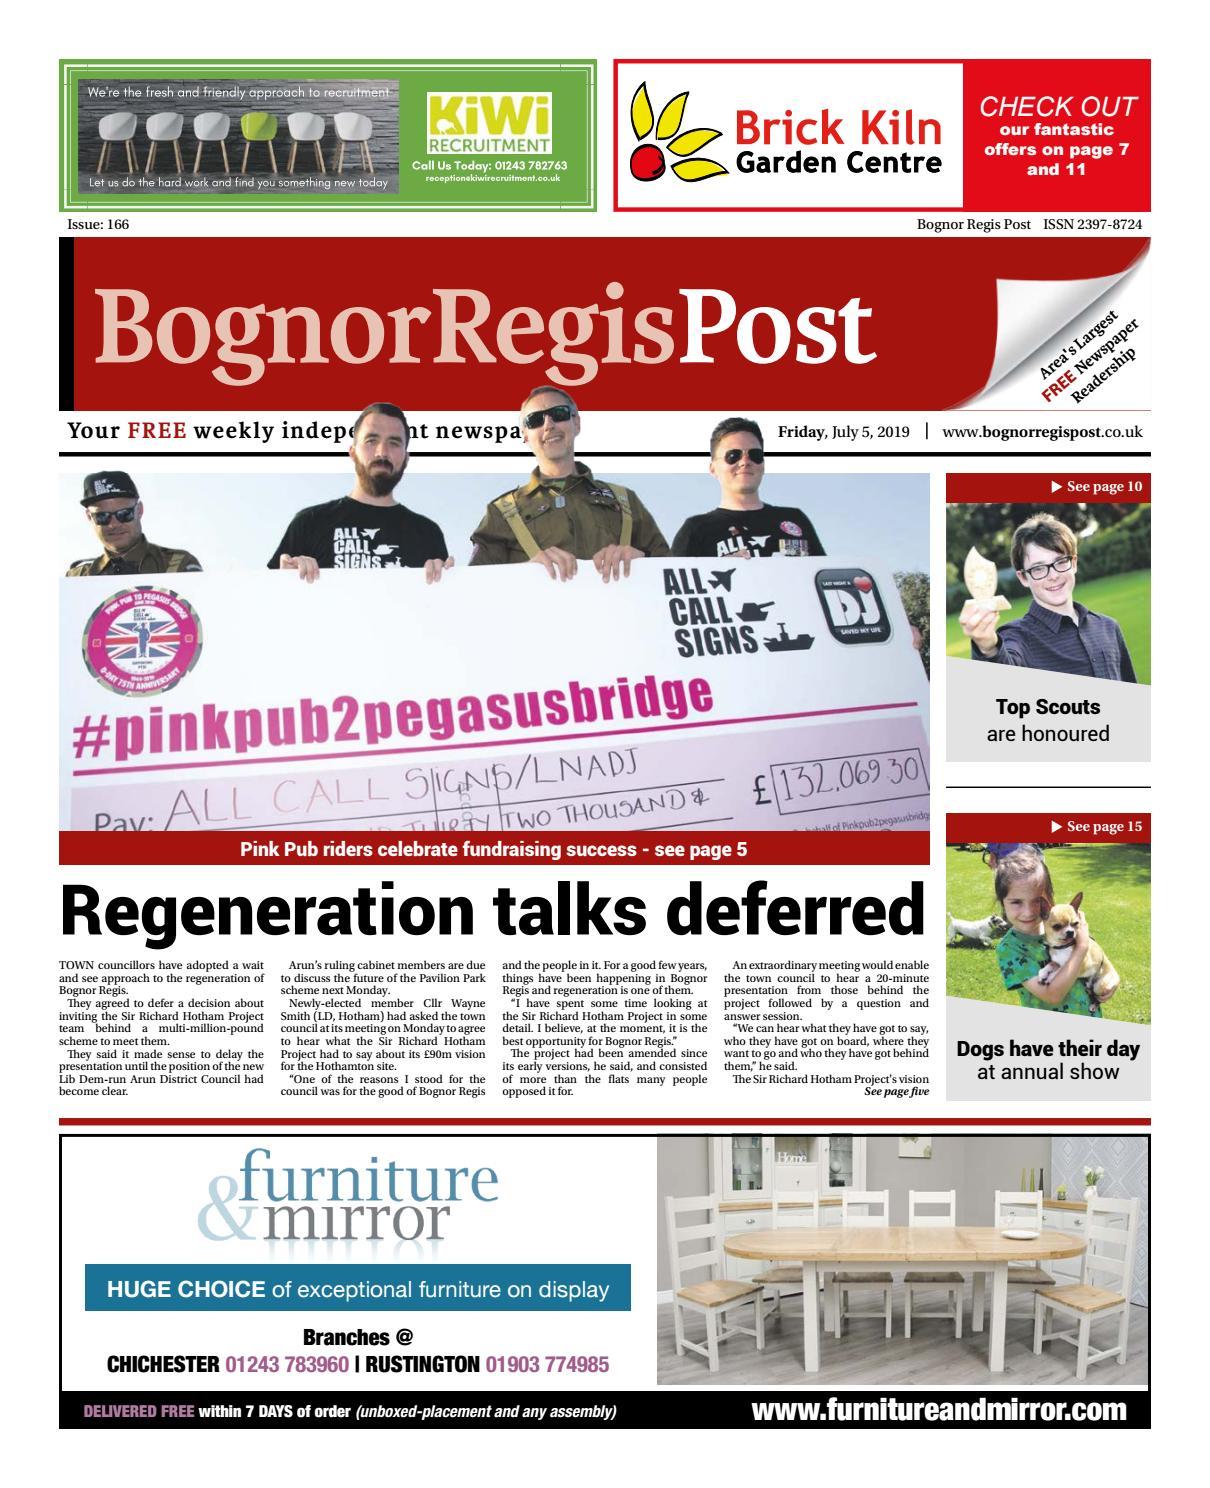 Bognor Regis Post Issue 166